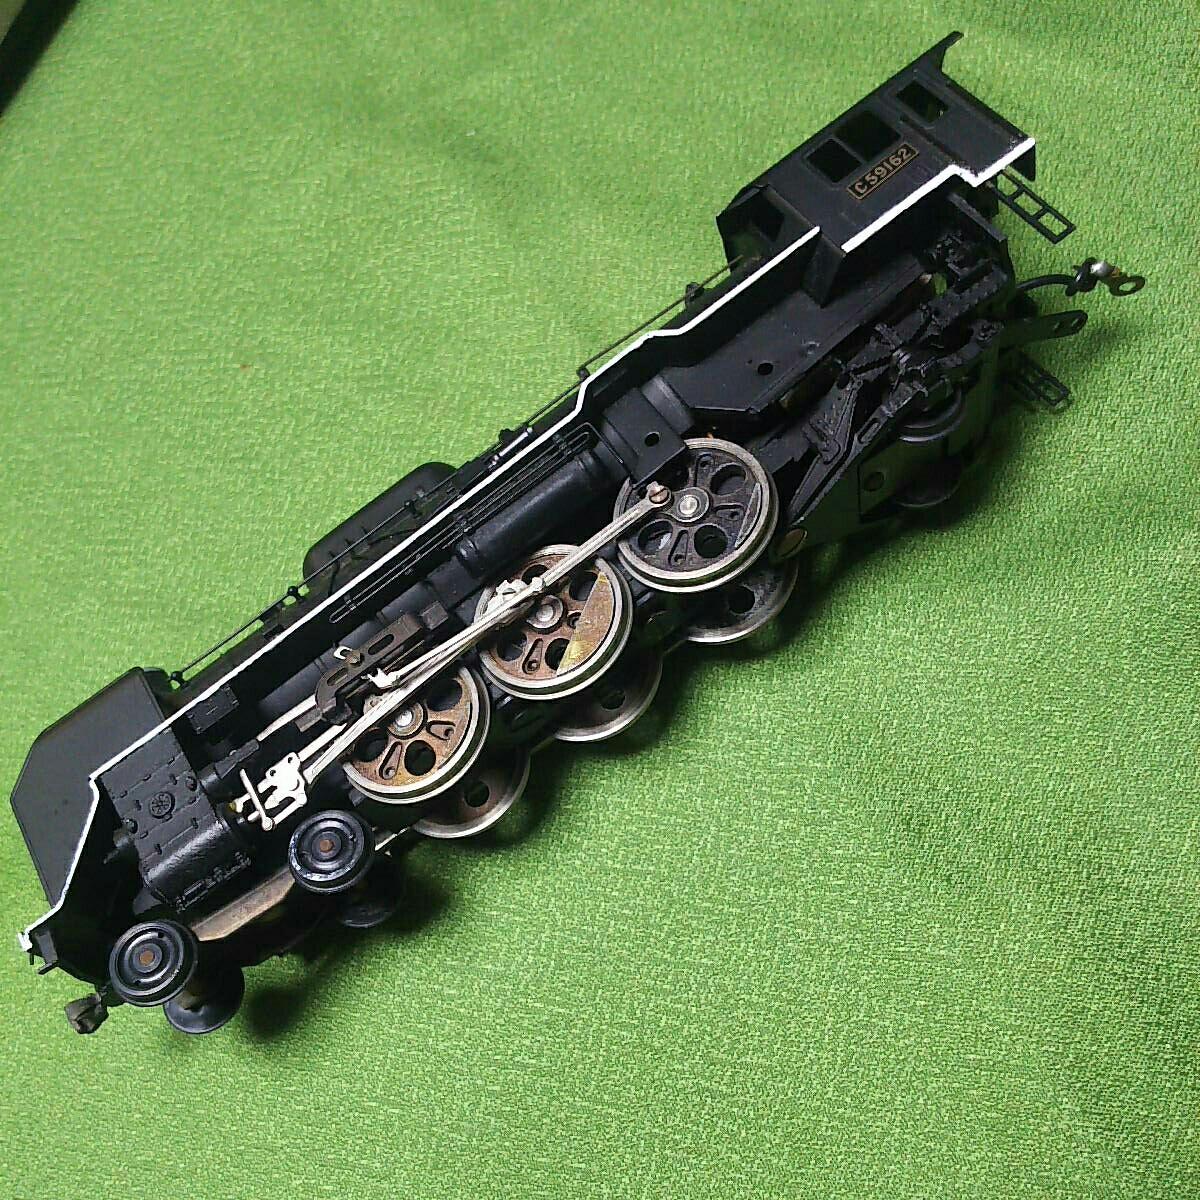 【一円スタート】KTM KATUMI カツミ 形式C59 蒸気機関車 HOゲージ 鉄道模型 ジャンク_画像6